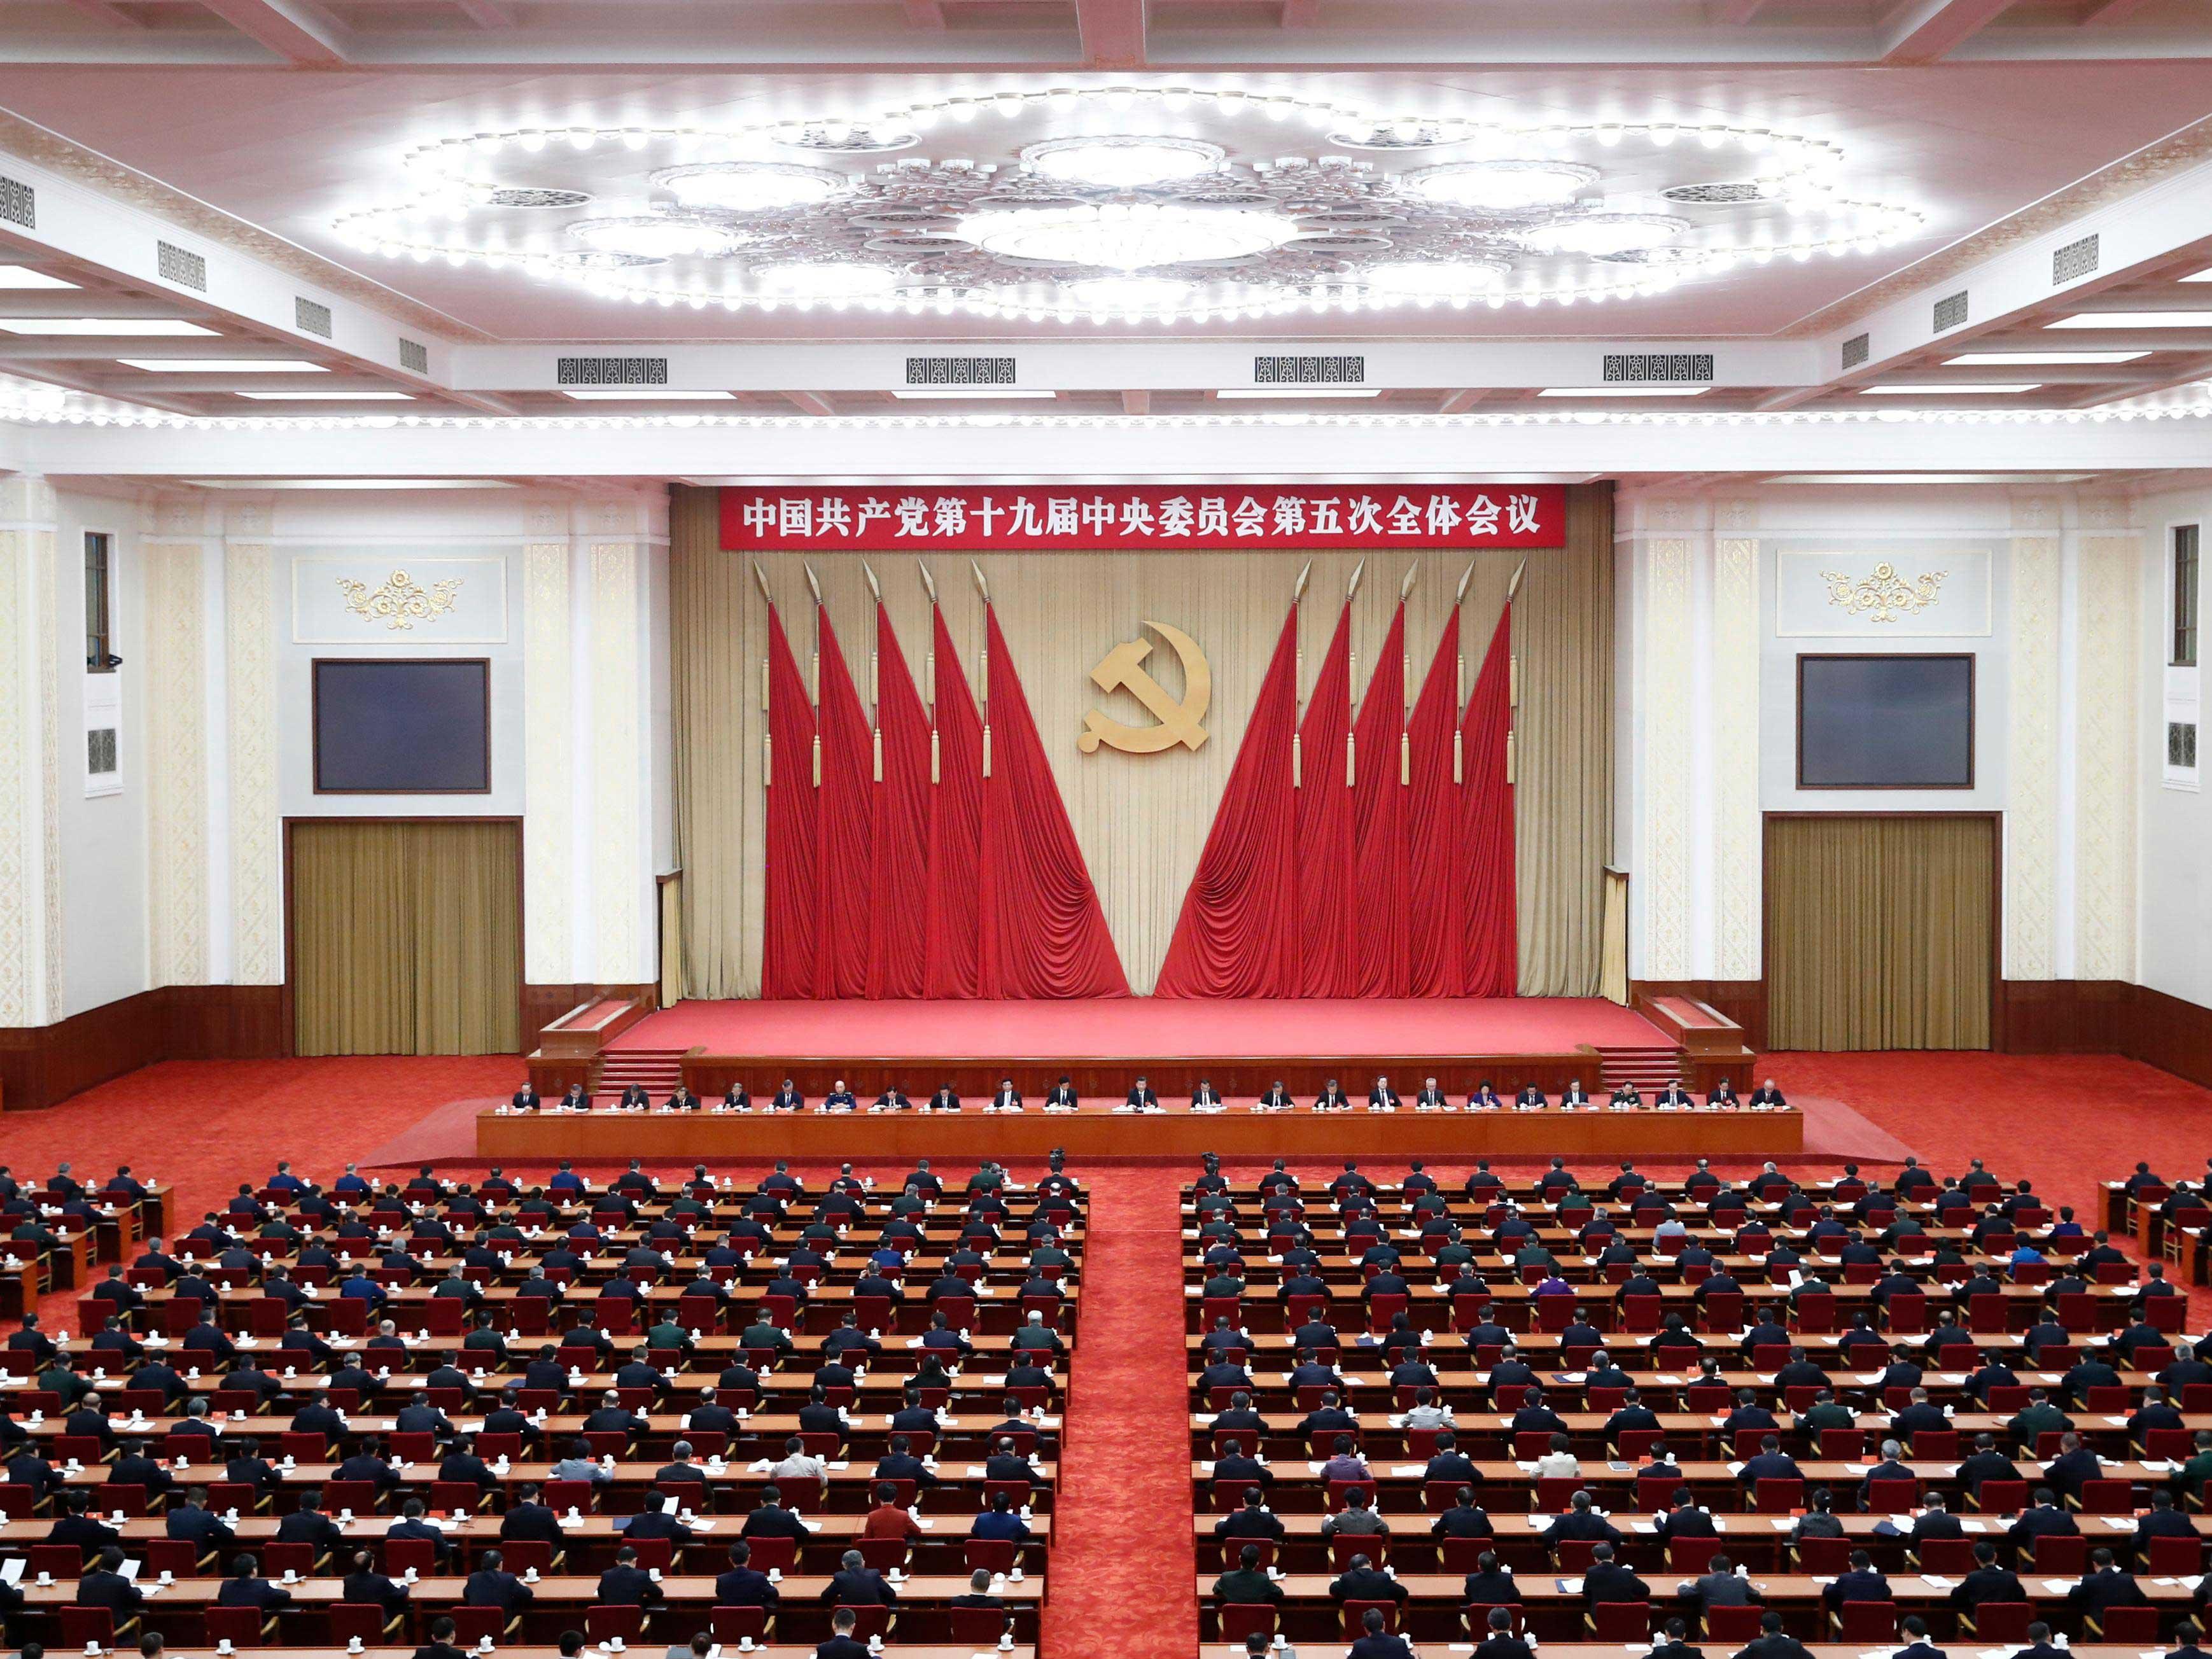 中��共�a�h第十九�弥醒胛��T��第五次全�w���h,于2020年10月26日至29日在北京�e行。